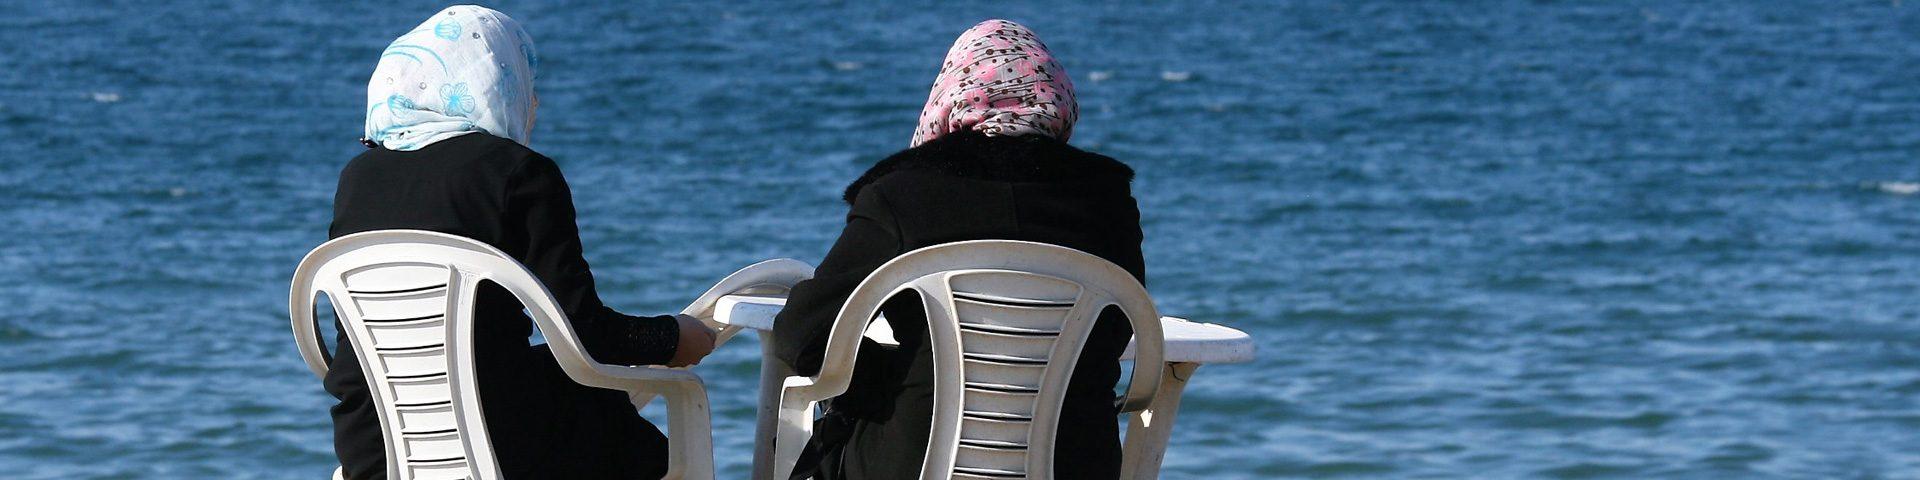 Twee vrouwen in Gaza zitten samen aan het water.